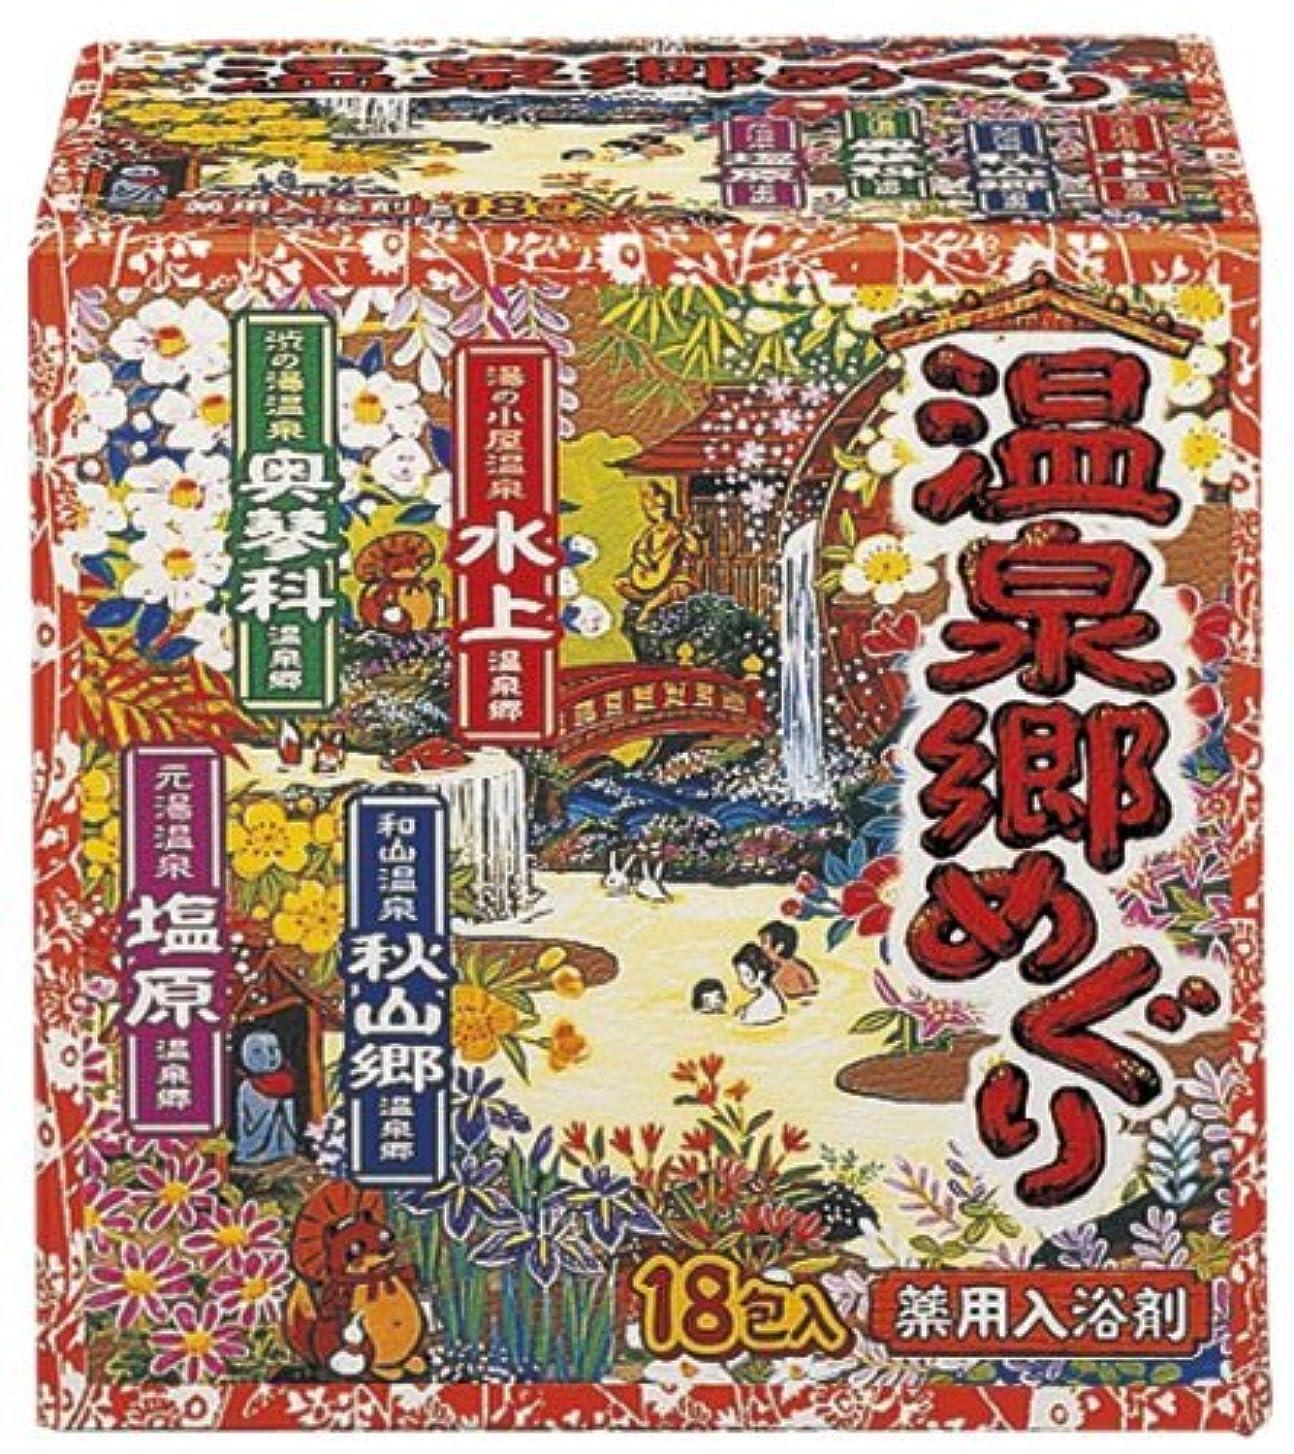 痴漢チャペル北西温泉郷めぐり(入浴剤) 6セット